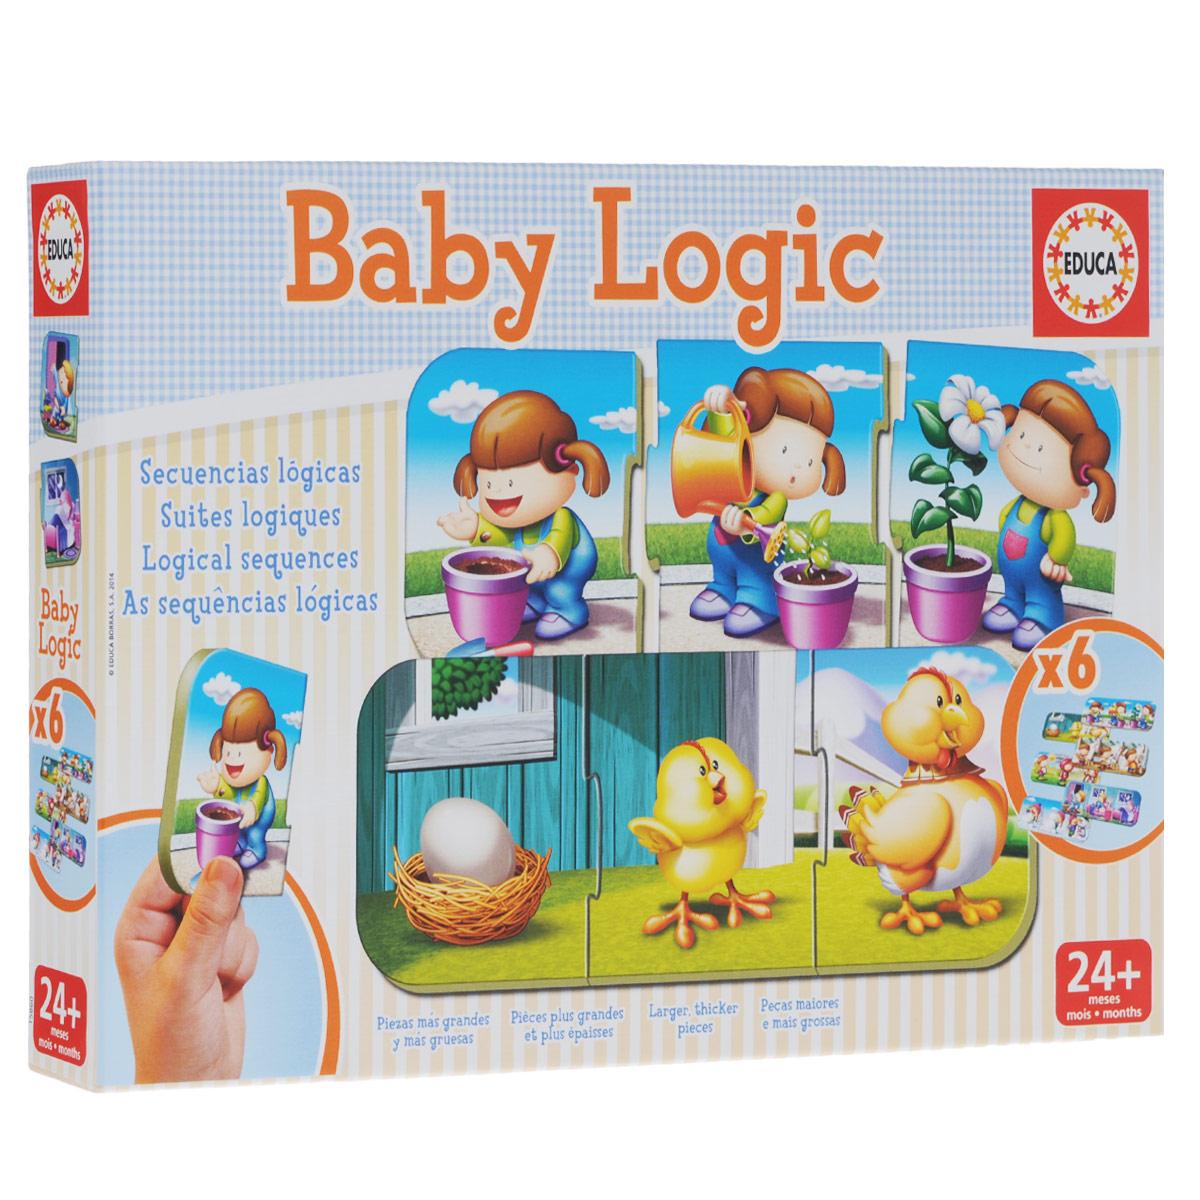 Игра-пазл Логика, 6х3 элемента15860Игра-пазл Логика обязательно привлечет внимание вашего малыша и поднимет настроение жизнерадостными образами! Комплект включает в себя 18 элементов, с помощью которых ребенок сможет собрать шесть логических картинок. Пазлы собираются из трех элементов. Ребенку предстоит сформировать последовательность между картинками, выстроив логическую цепочку, например: яйцо - цыпленок - курица. Благодаря прочному материалу детали пазлов легко крепятся между собой, а крупный размер деталей будет удобен для маленьких ручек малыша. Игра-пазл Логика поможет ребенку в развитии логического мышления, воображения, памяти и мелкой моторики рук.